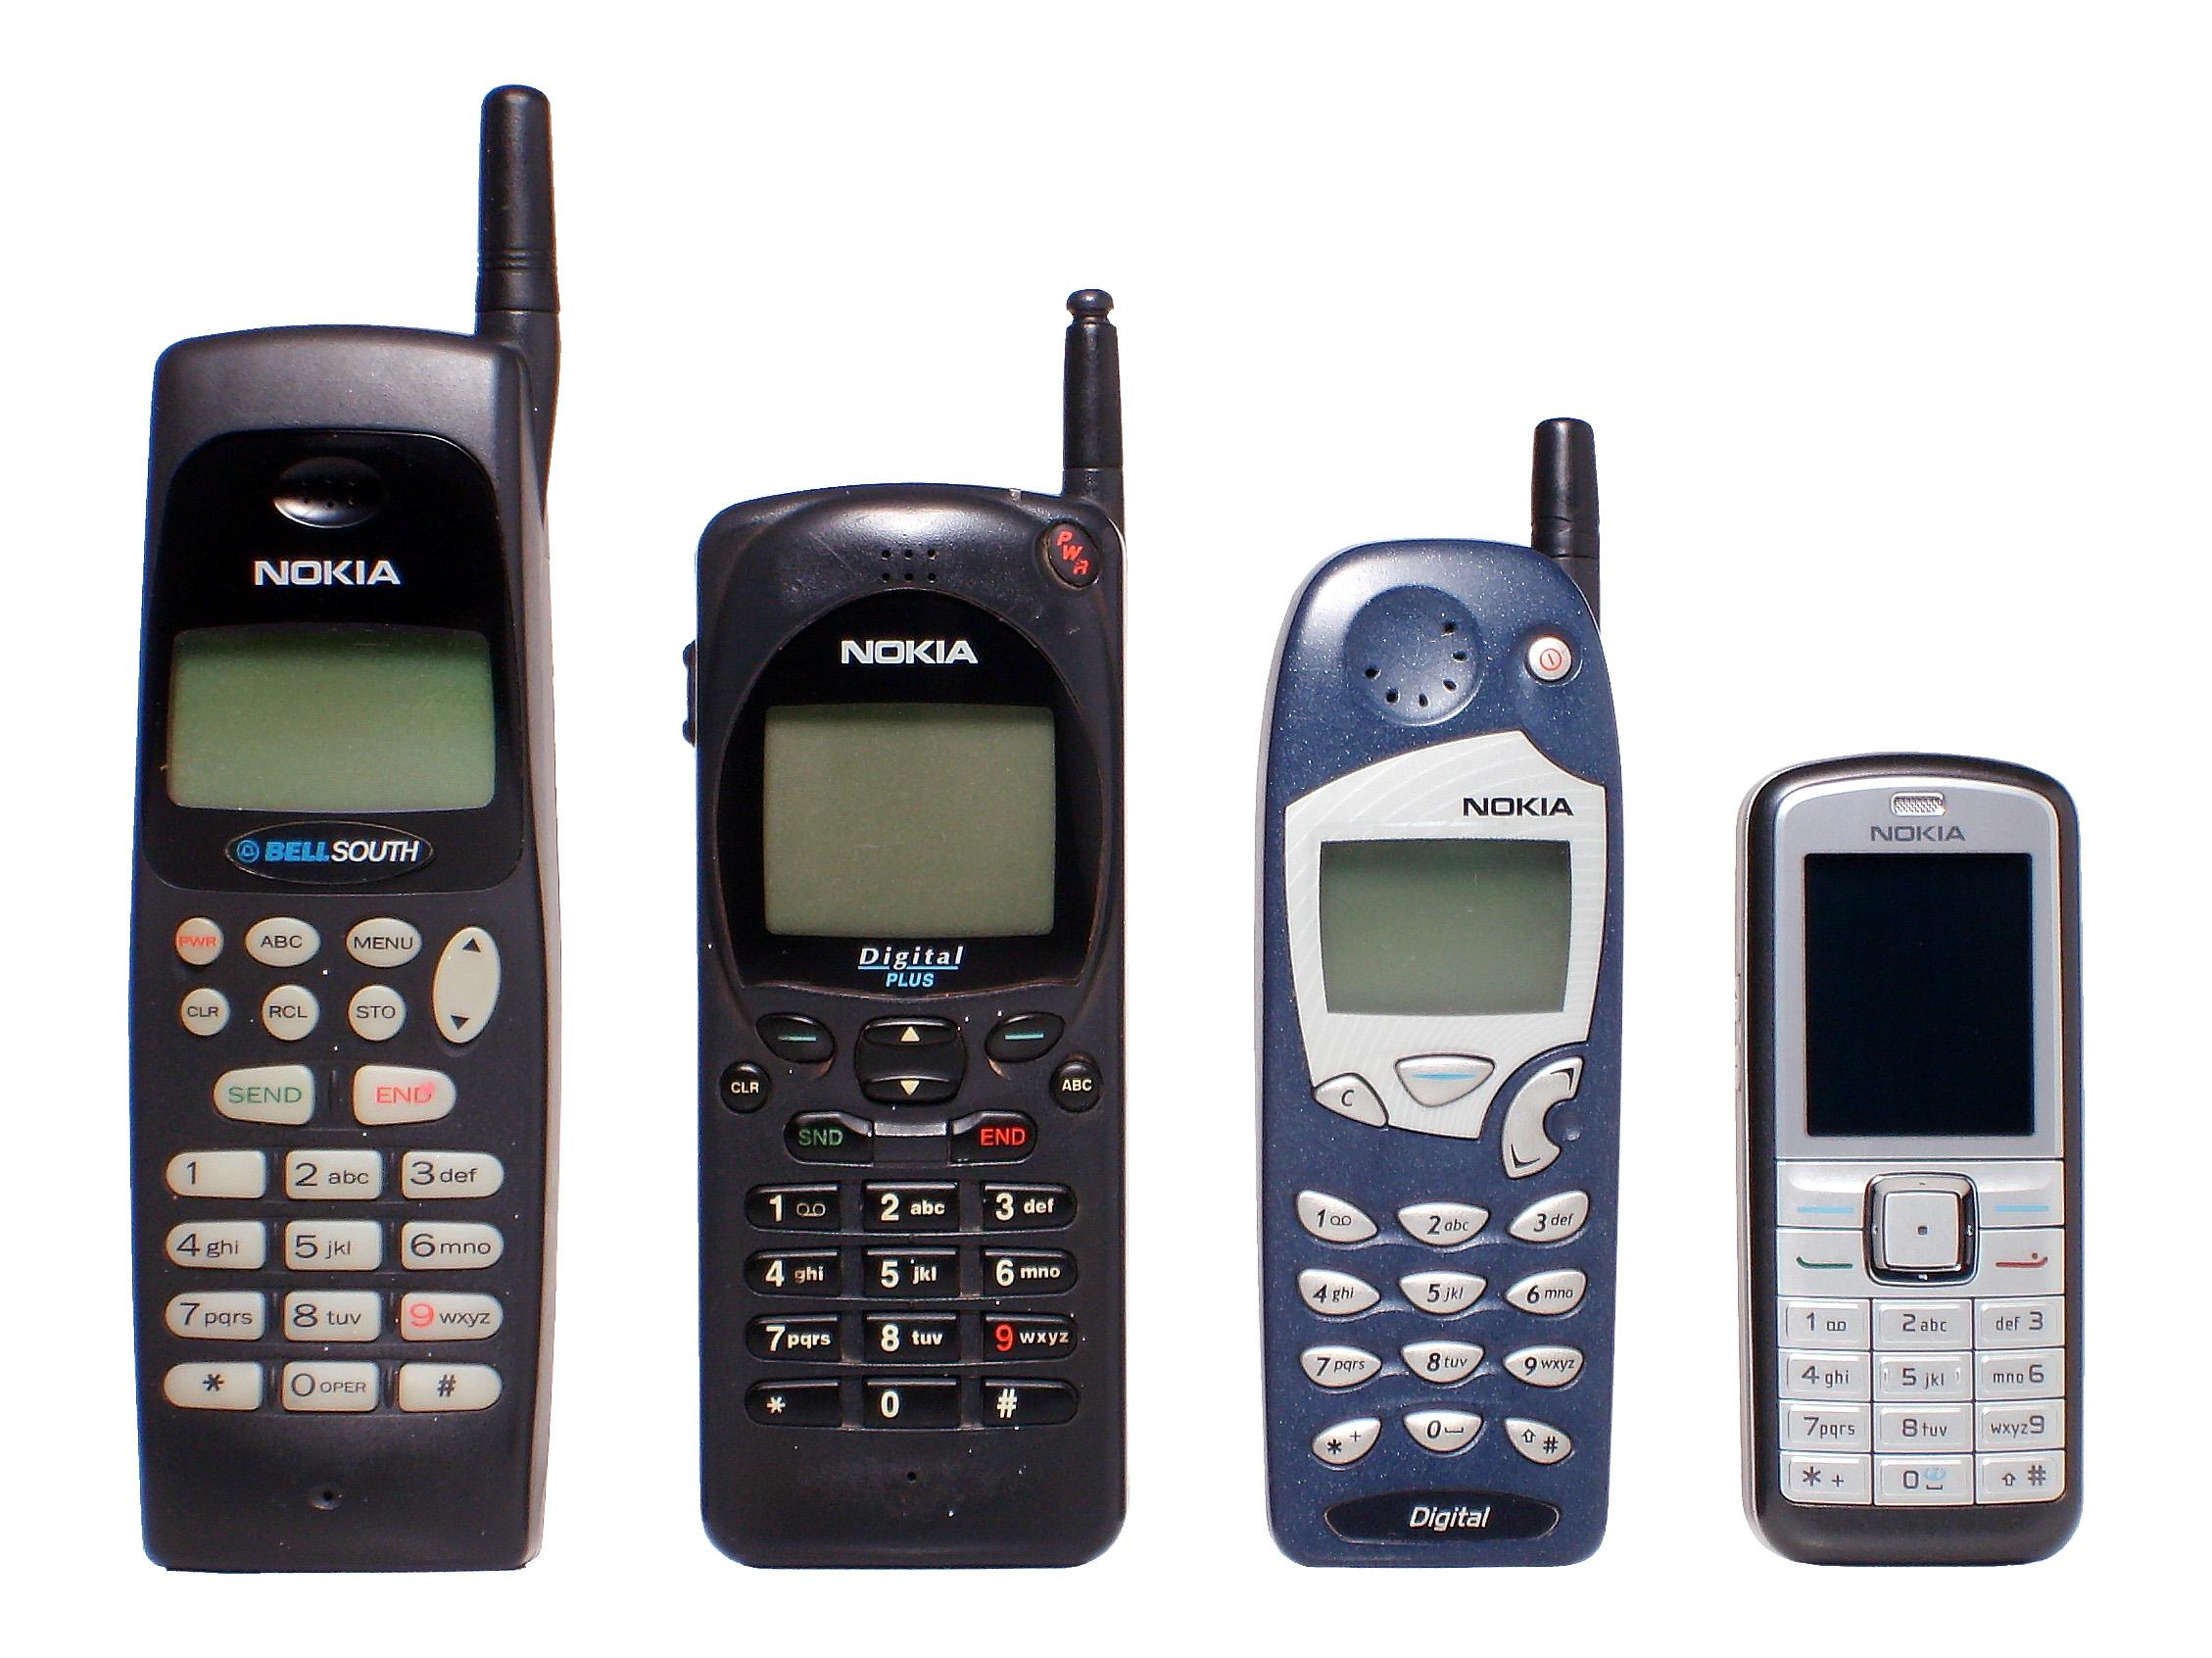 بالصور هكذا تطورت هواتف نوكيا خلال 30 عام مجلة الرجل